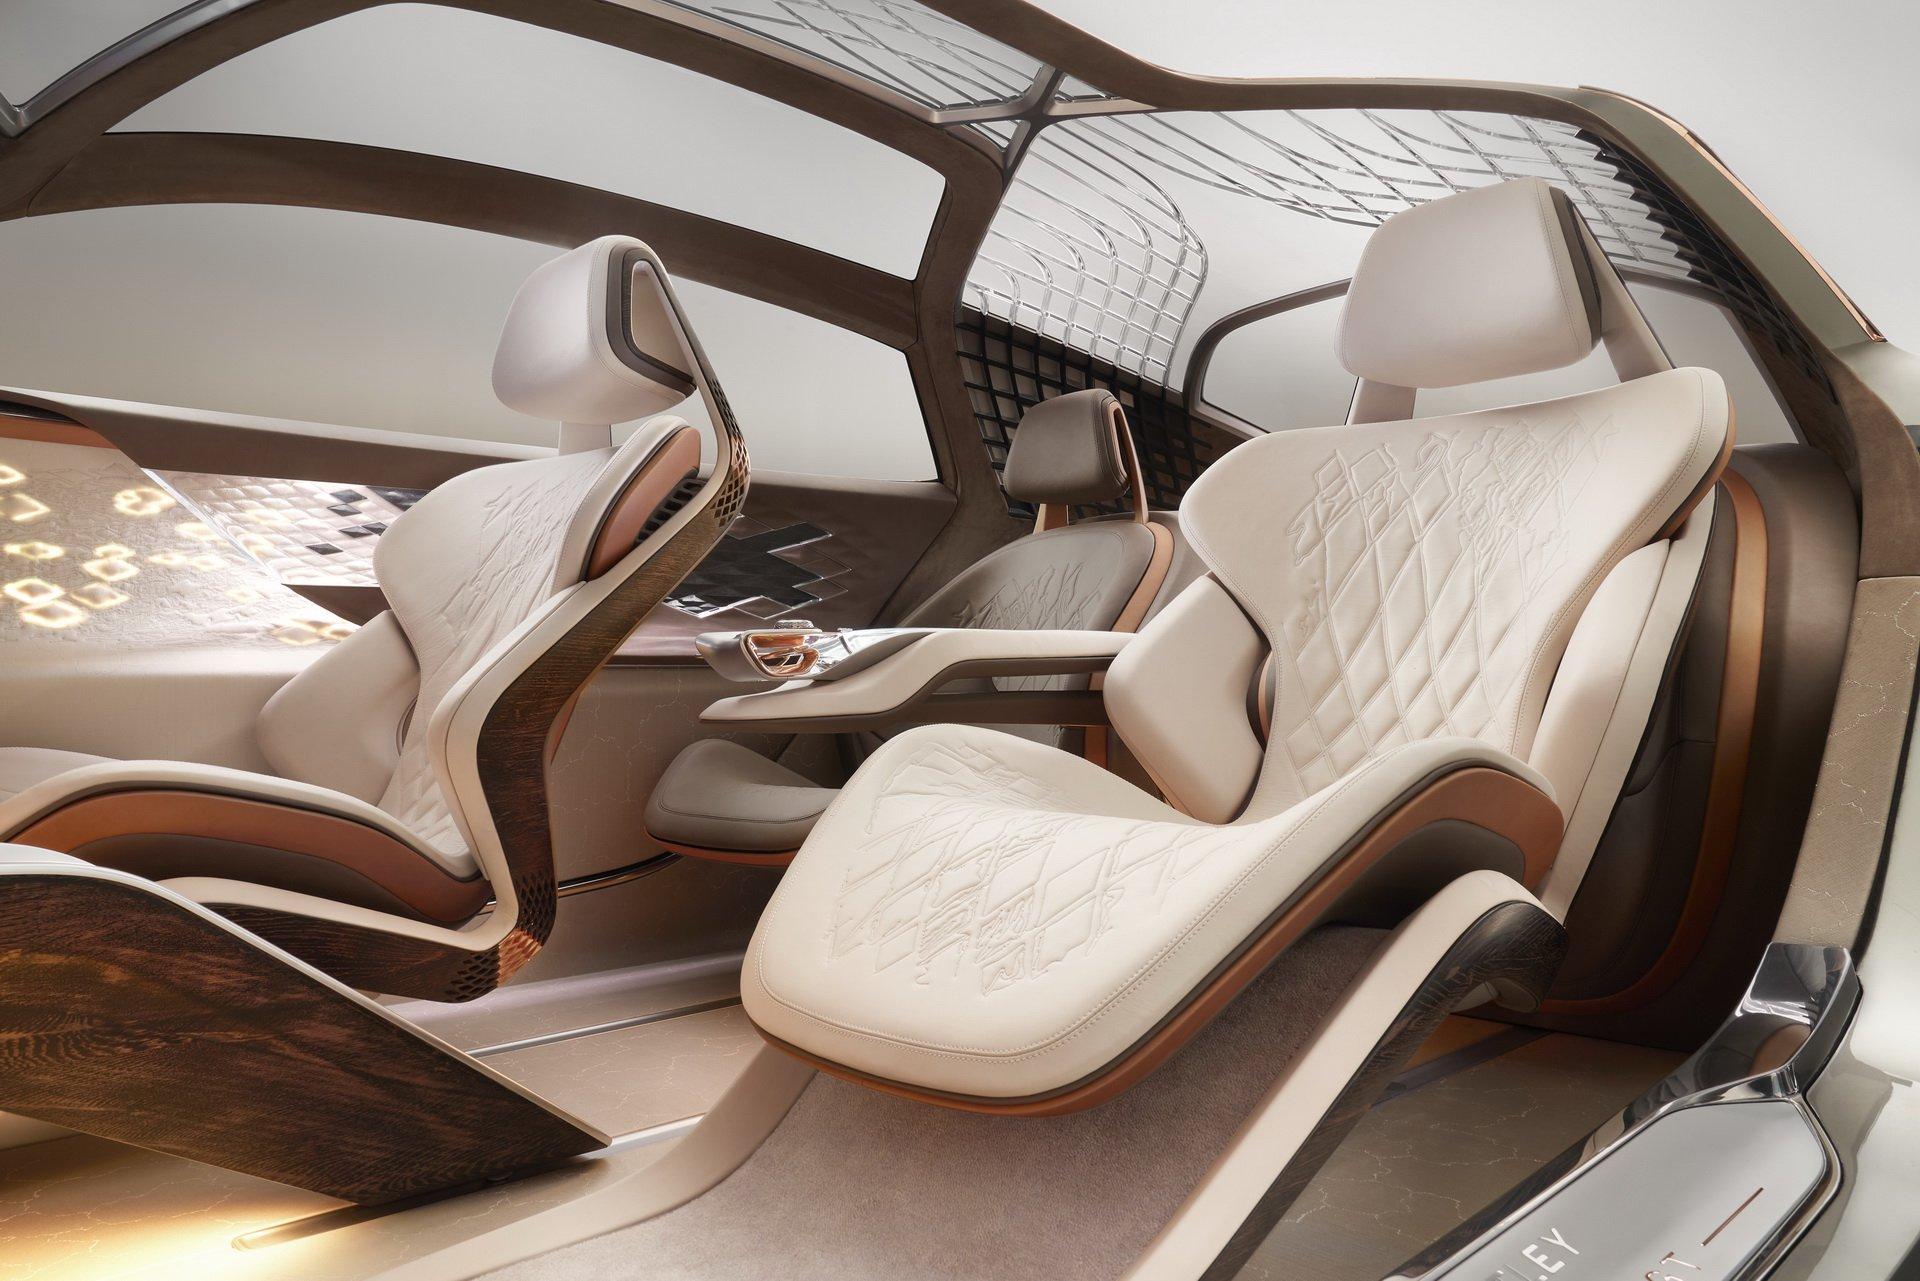 100-летний юбилей — это не шутки. По такому случаю Bentley решила сделать себе самой и всем вокруг подарок, представив футуристичный концепт-кар EXP 100 GT.